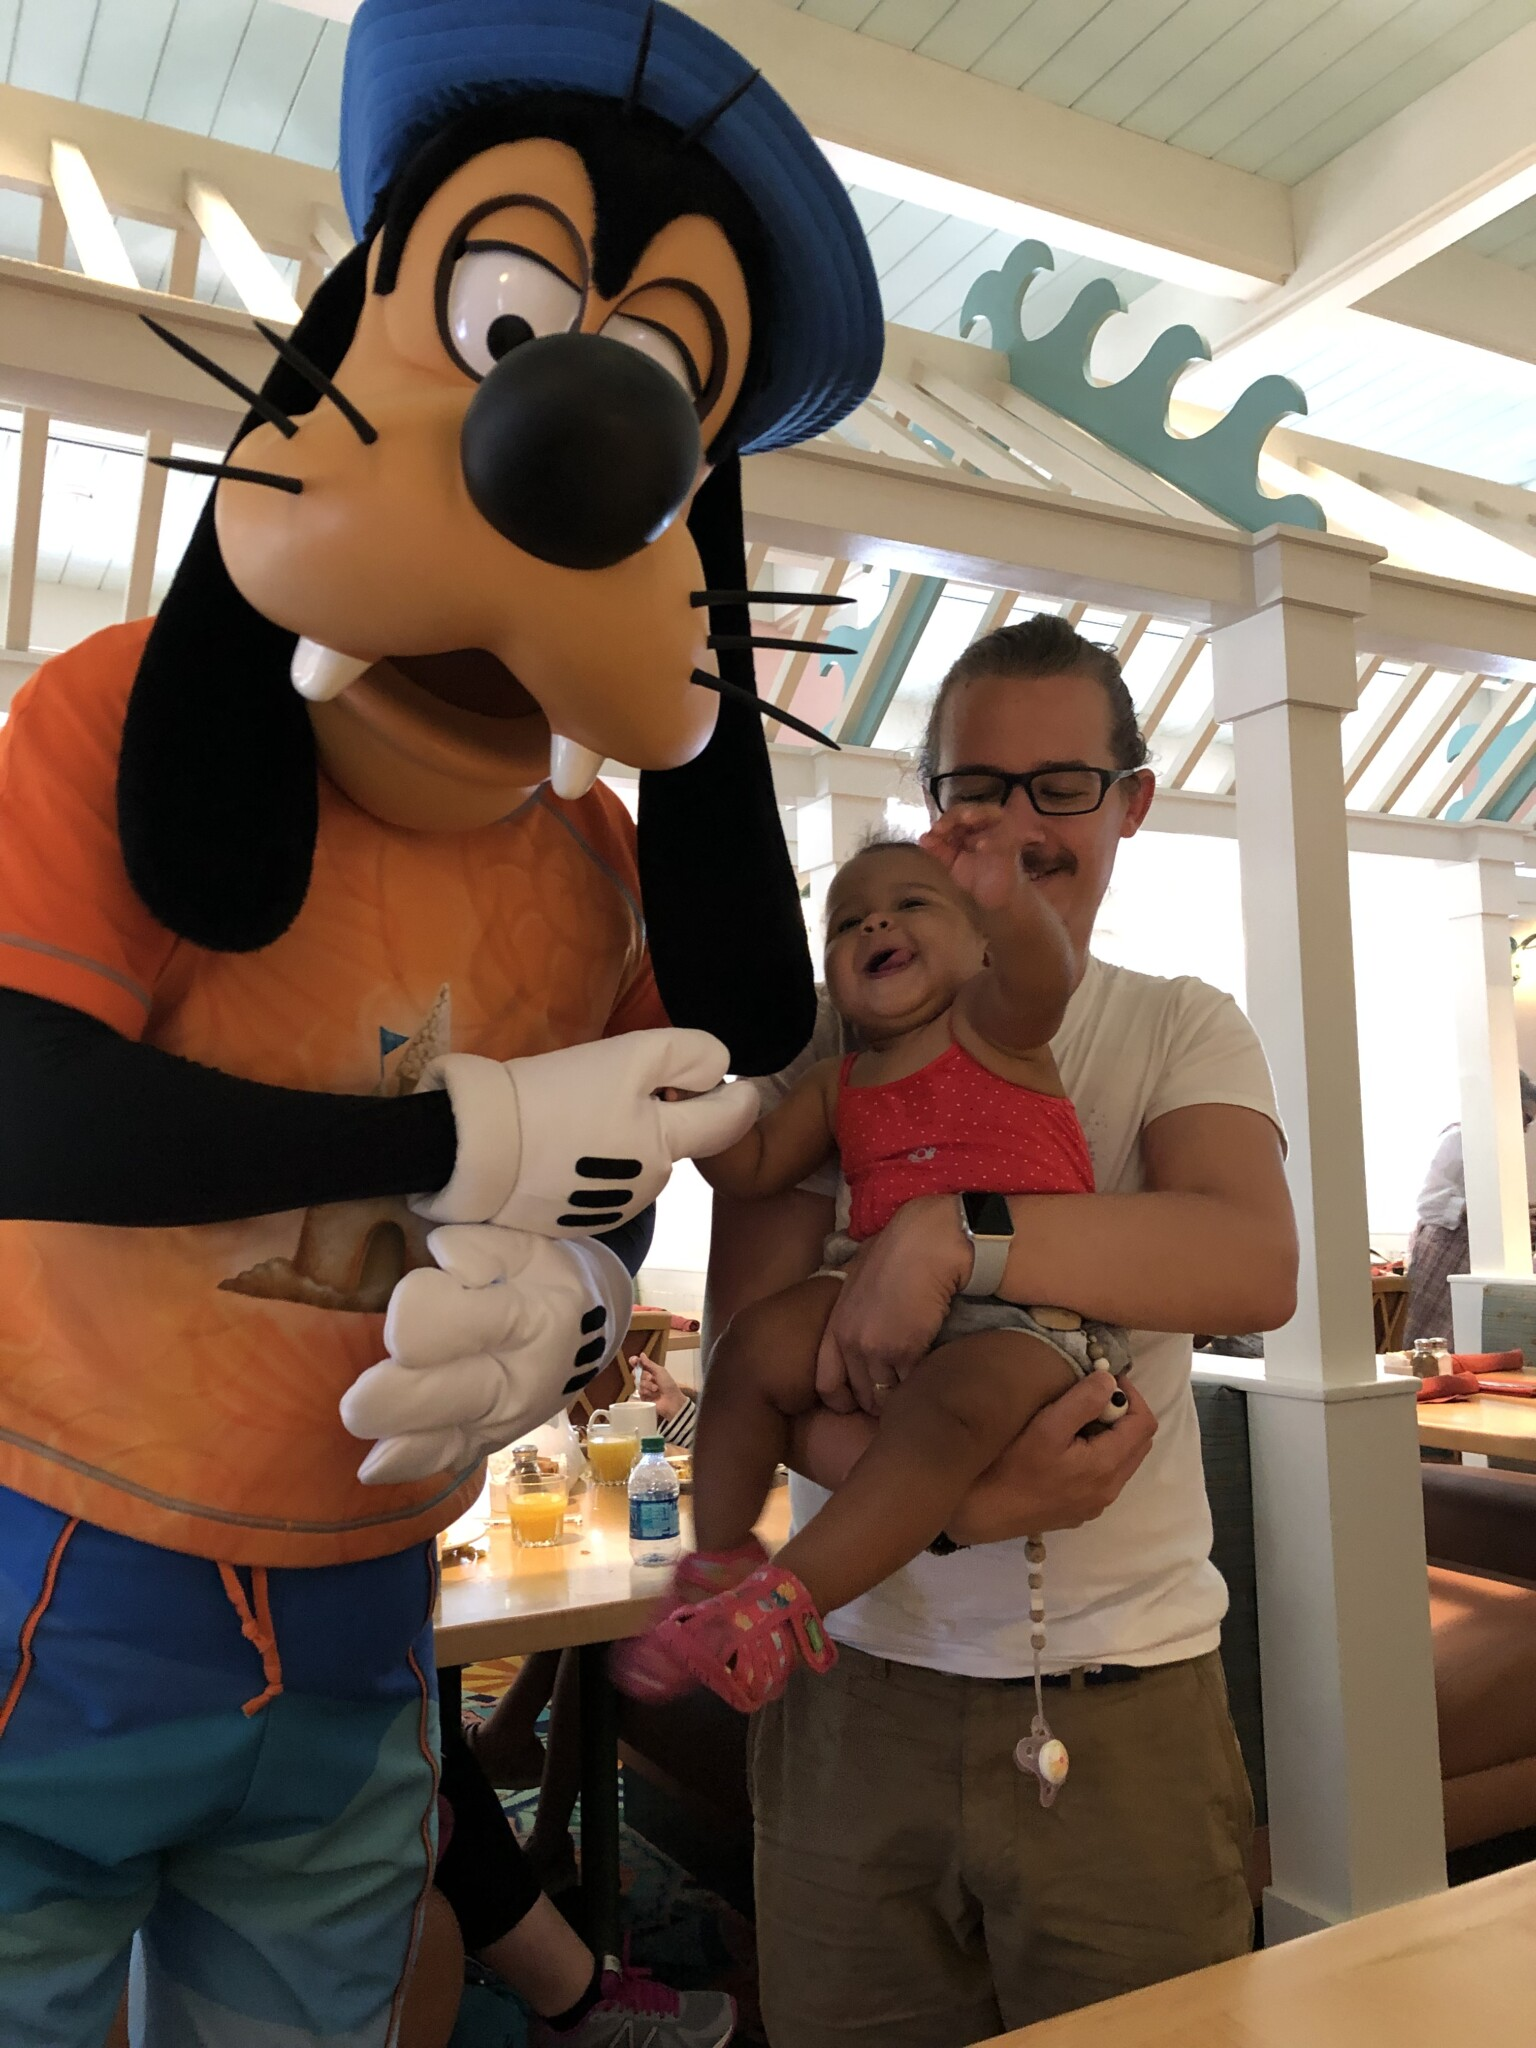 2 semaines en Floride avec un bébé de 1 an - Séjour du 2 au 16 mai 2019 DCL + WDW - Page 18 IMG_1403-1536x2048